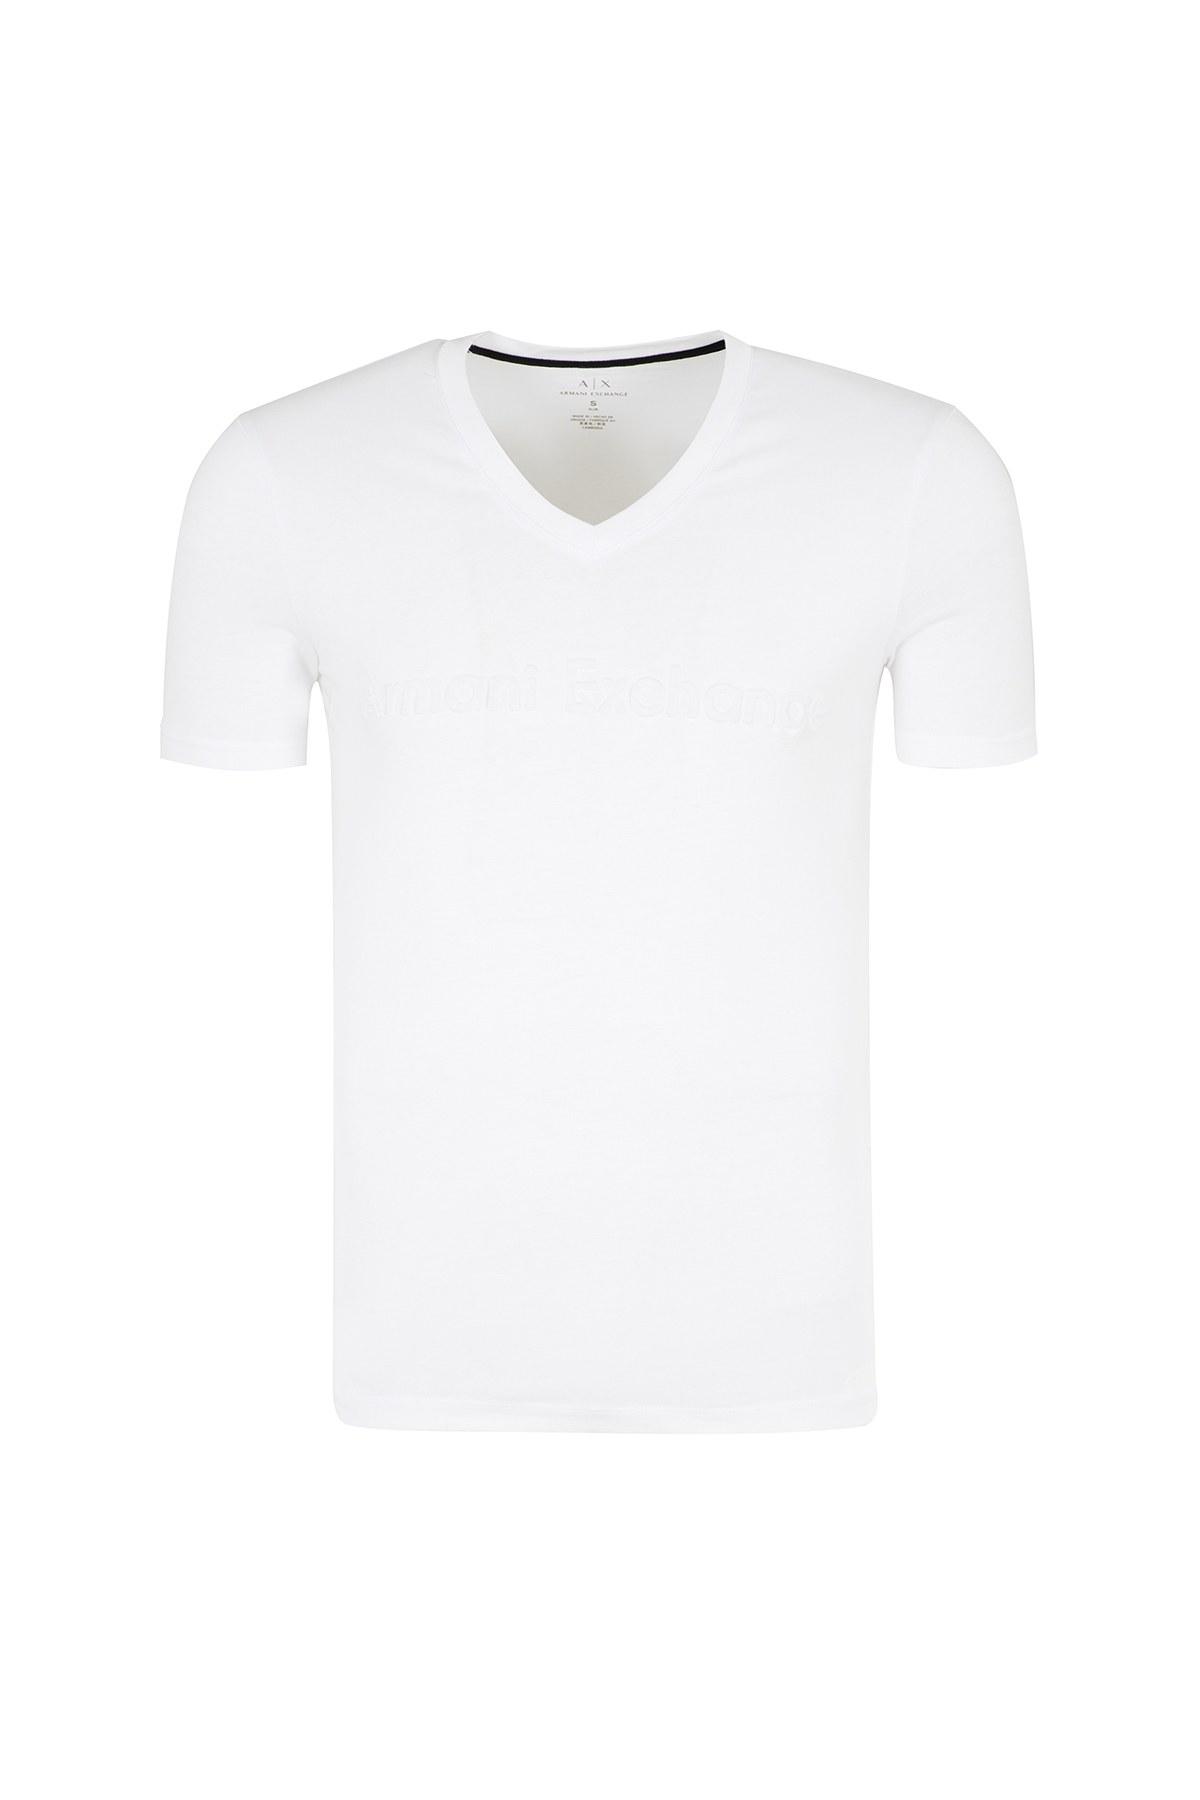 ARMANI EXCHANGE T SHIRT Erkek T Shirt 6ZZTAX ZJH4Z 1100 BEYAZ